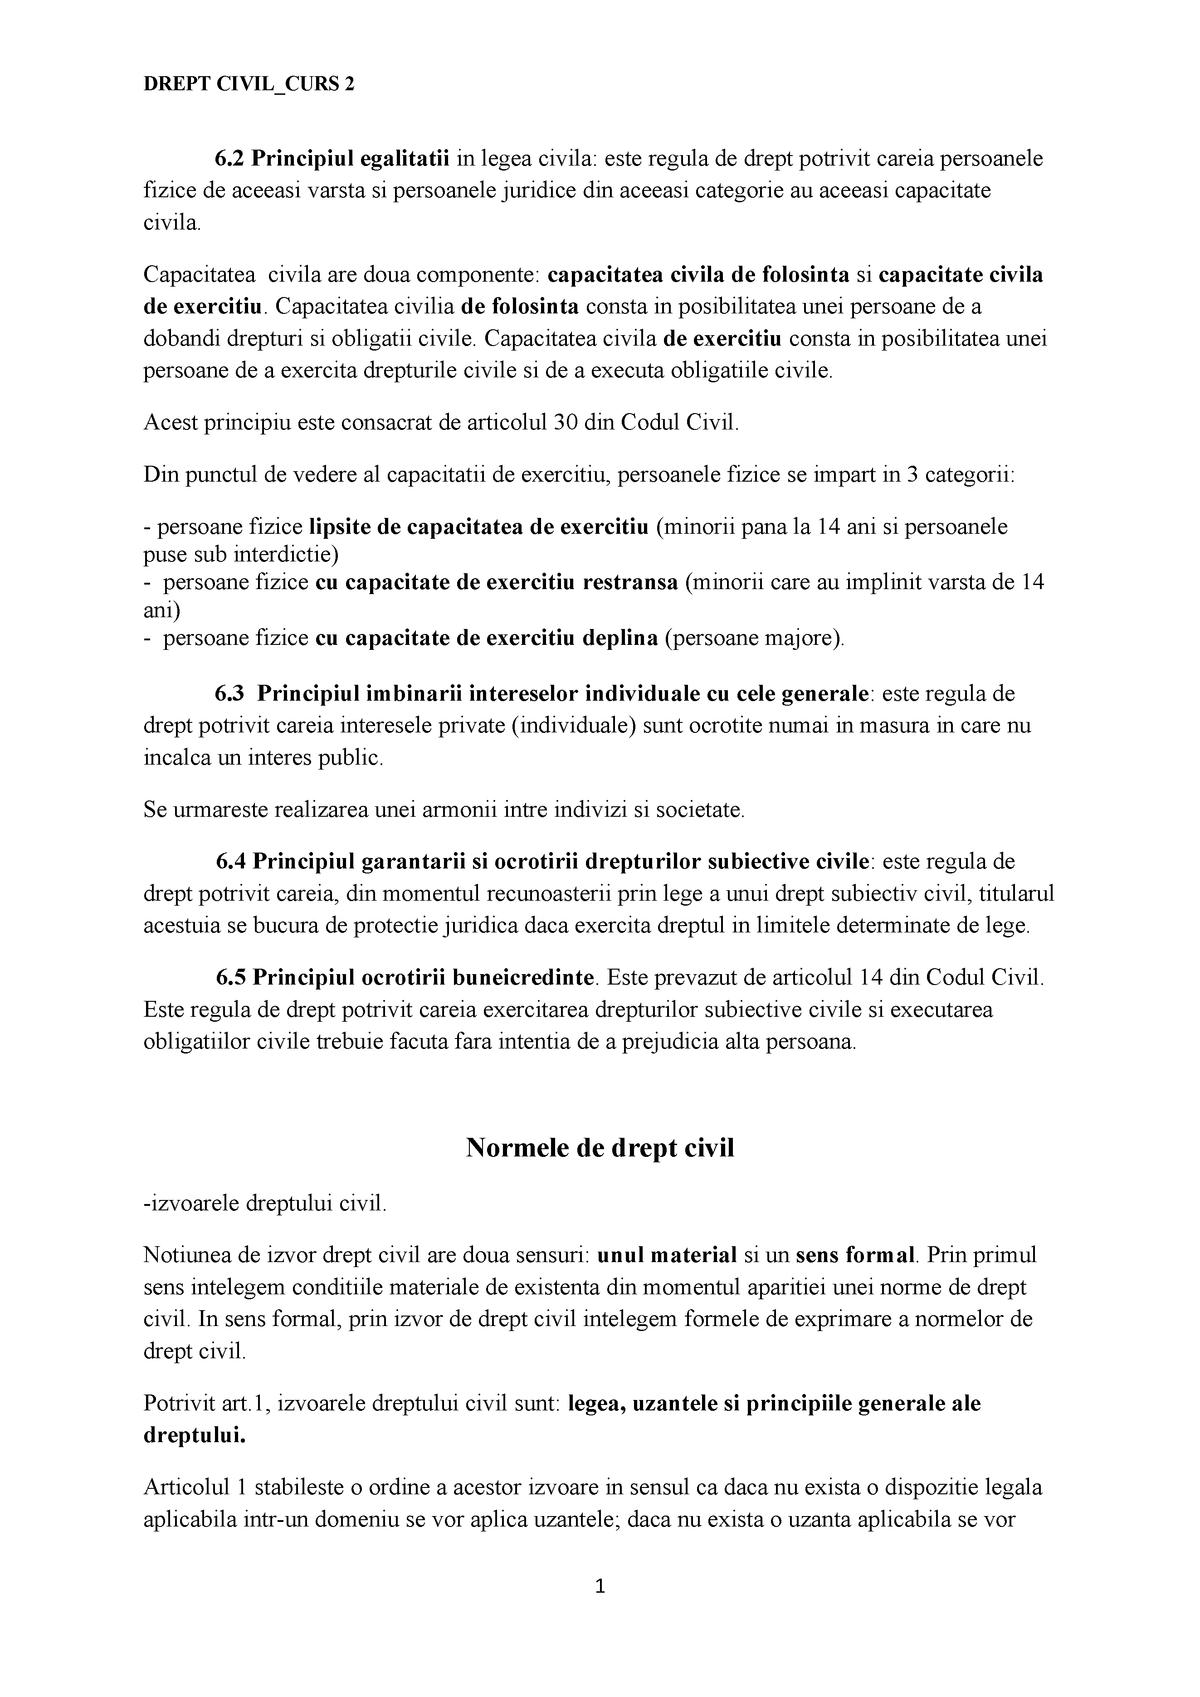 Izvoarele dreptului civil